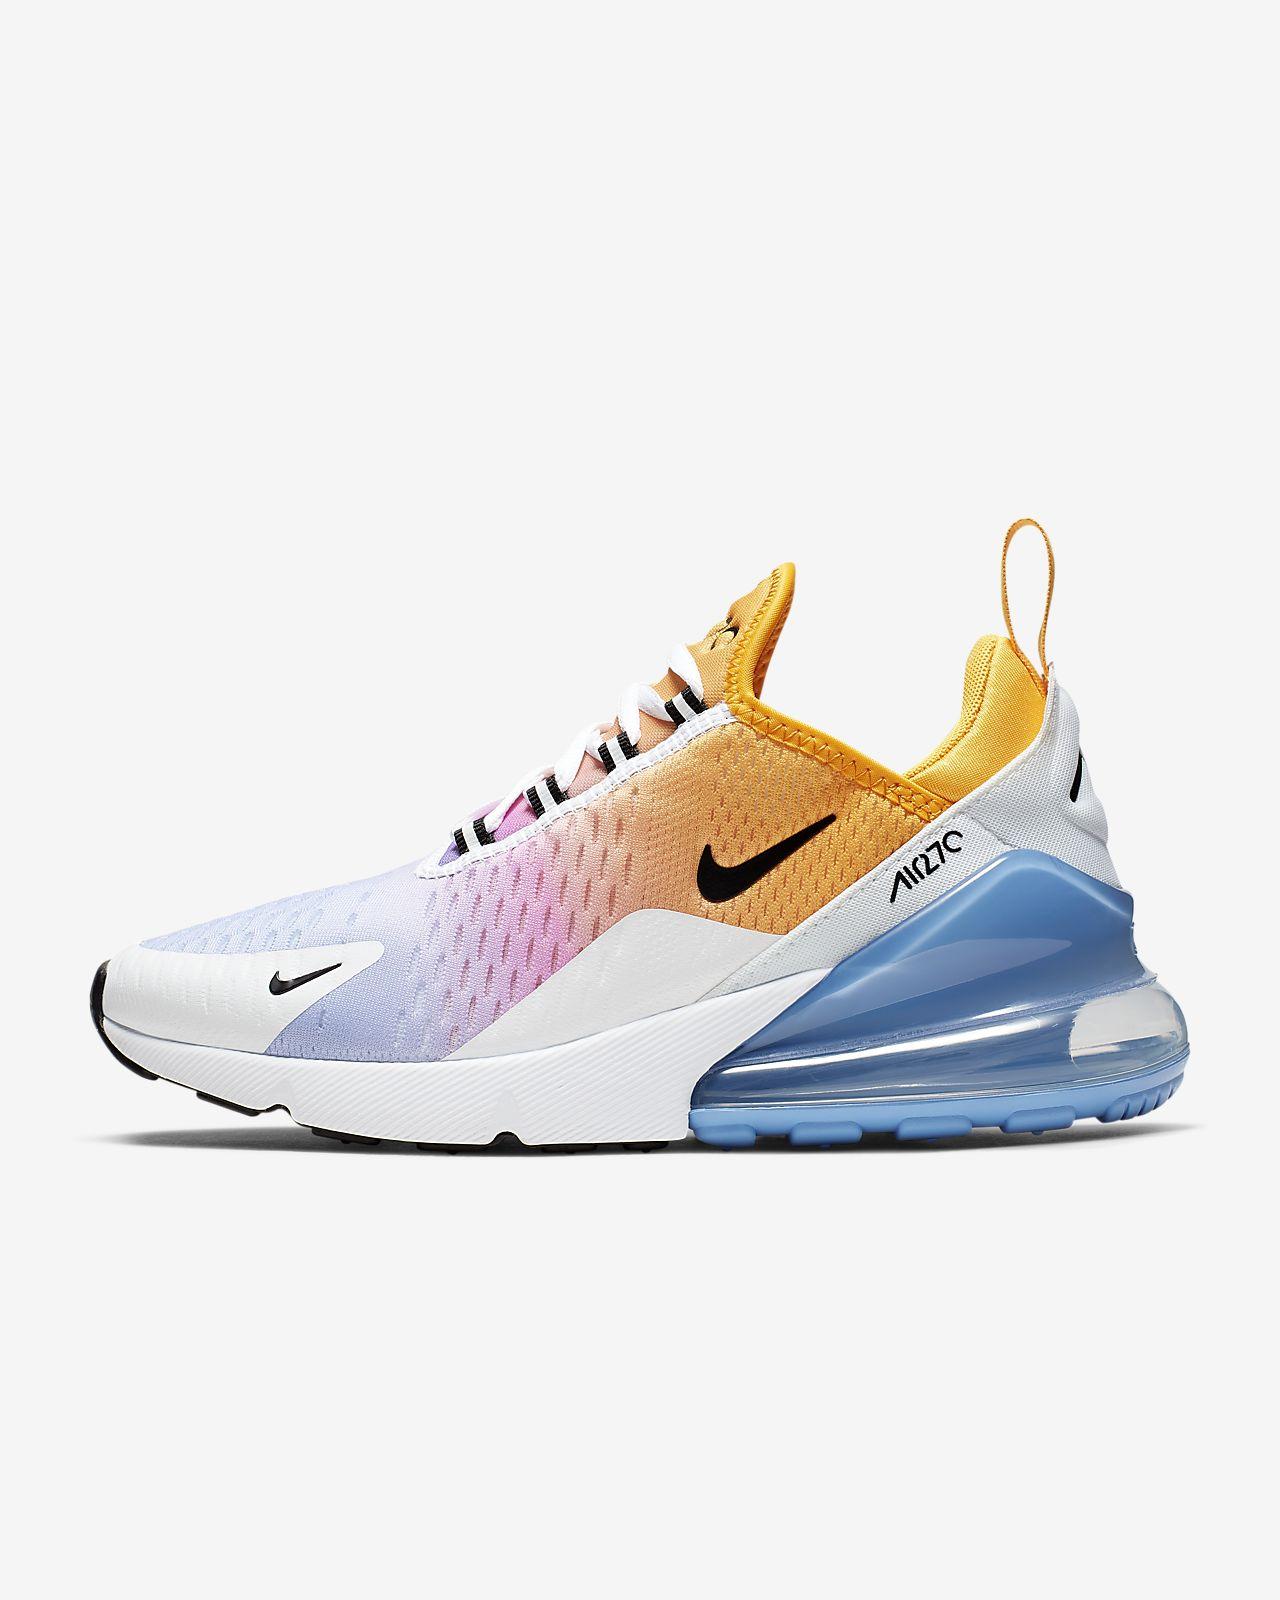 Nike Air Max 270 Kadın Ayakkabısı